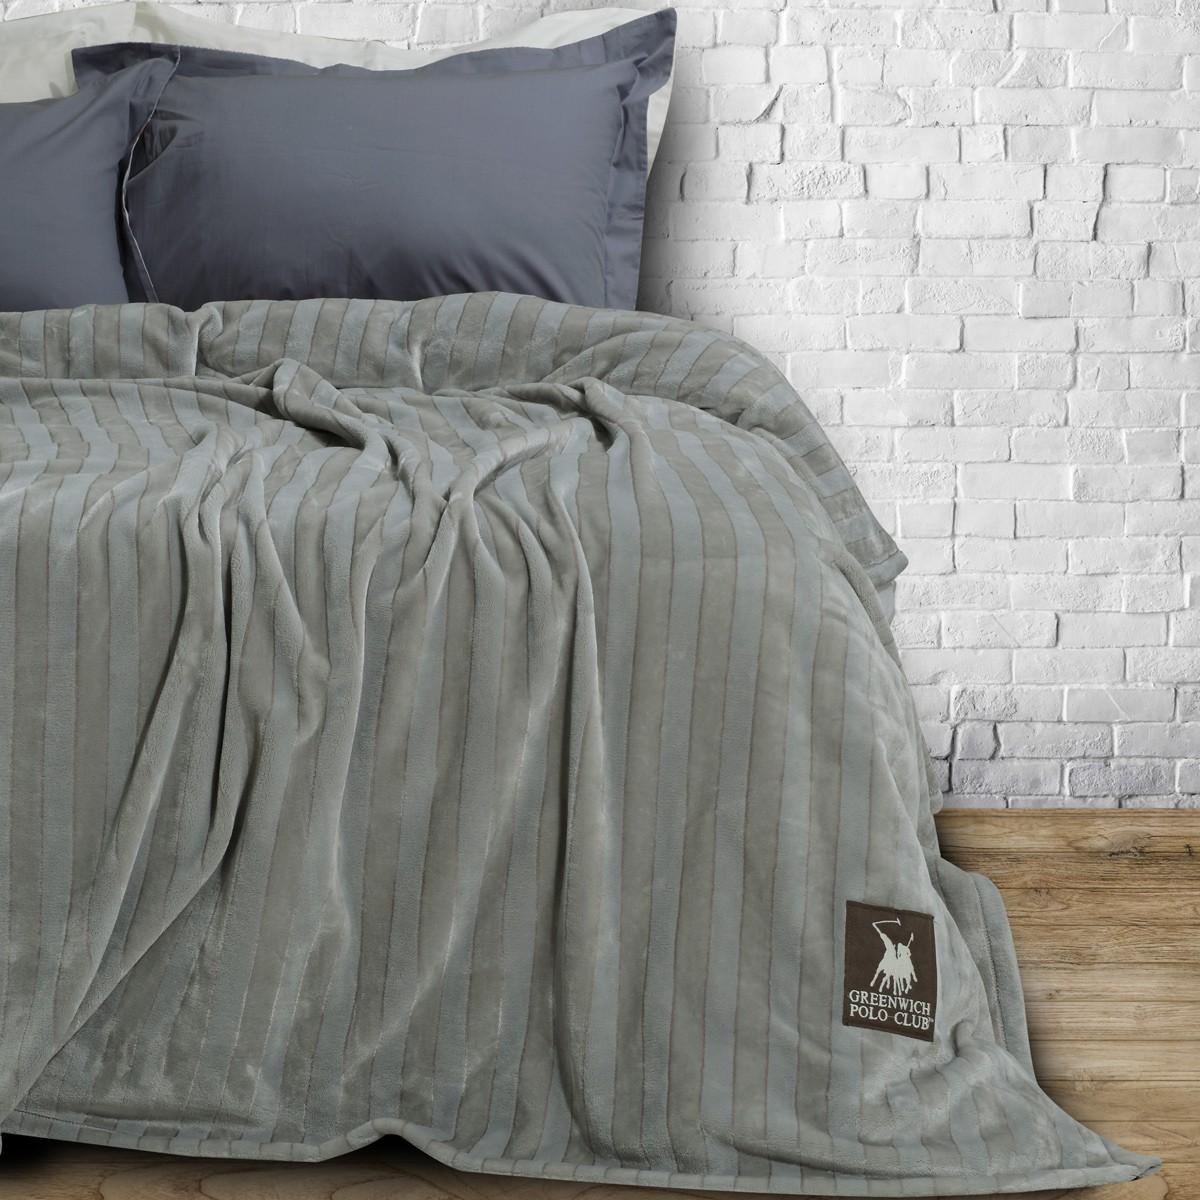 Κουβέρτα Fleece Υπέρδιπλη Polo Club Essential Blanket 2411